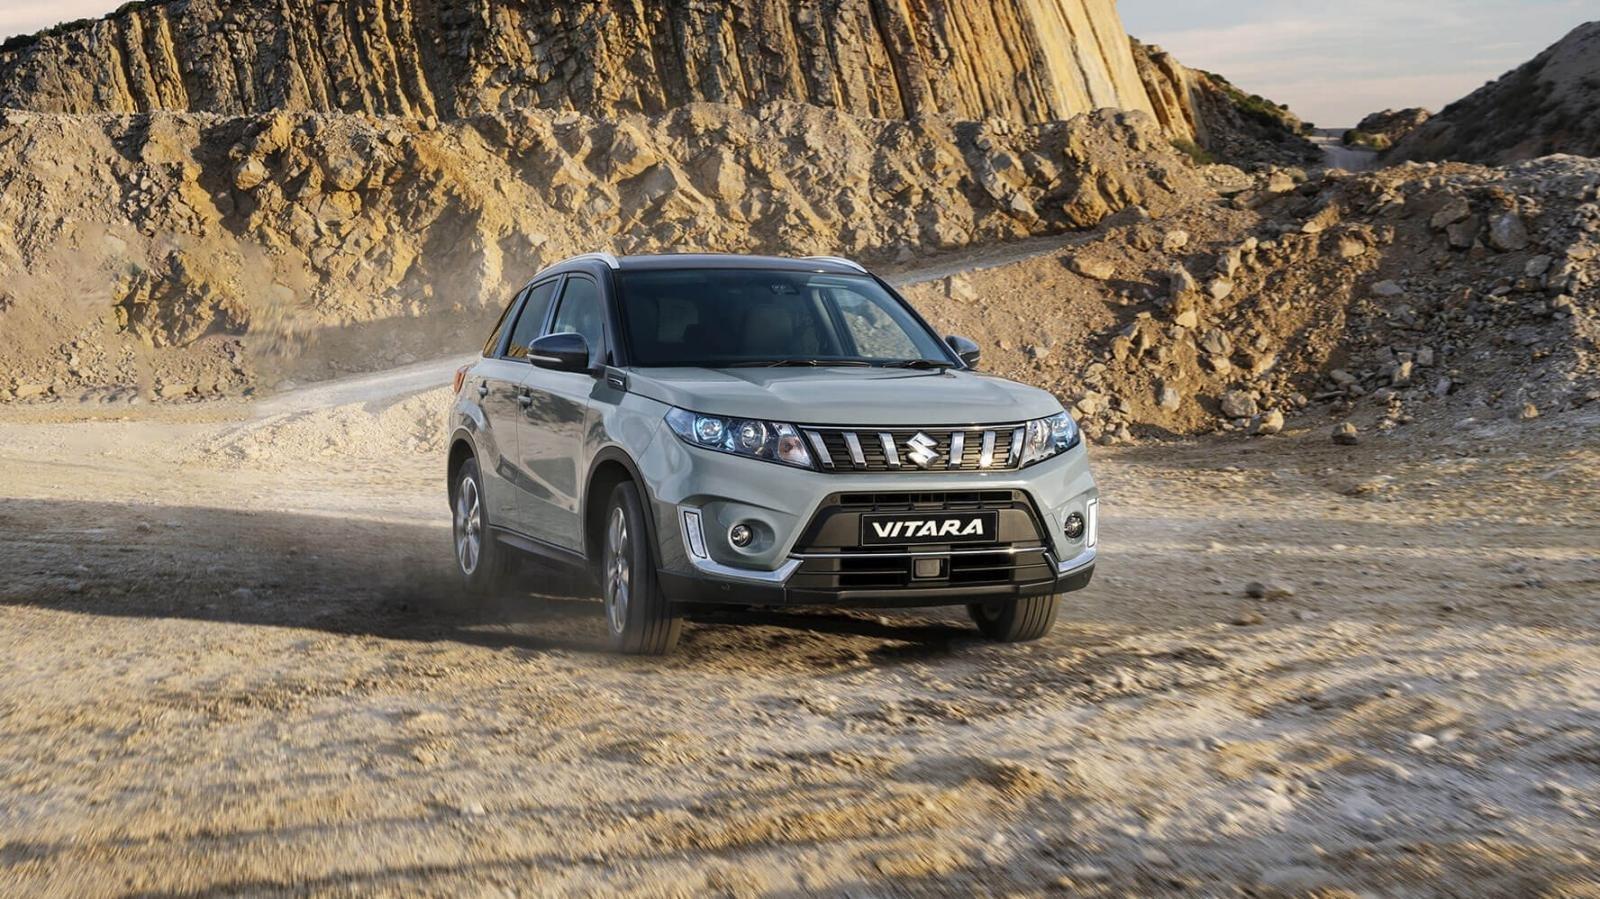 La Suzuki Vitara precio mexico sobresale por su versatilidad